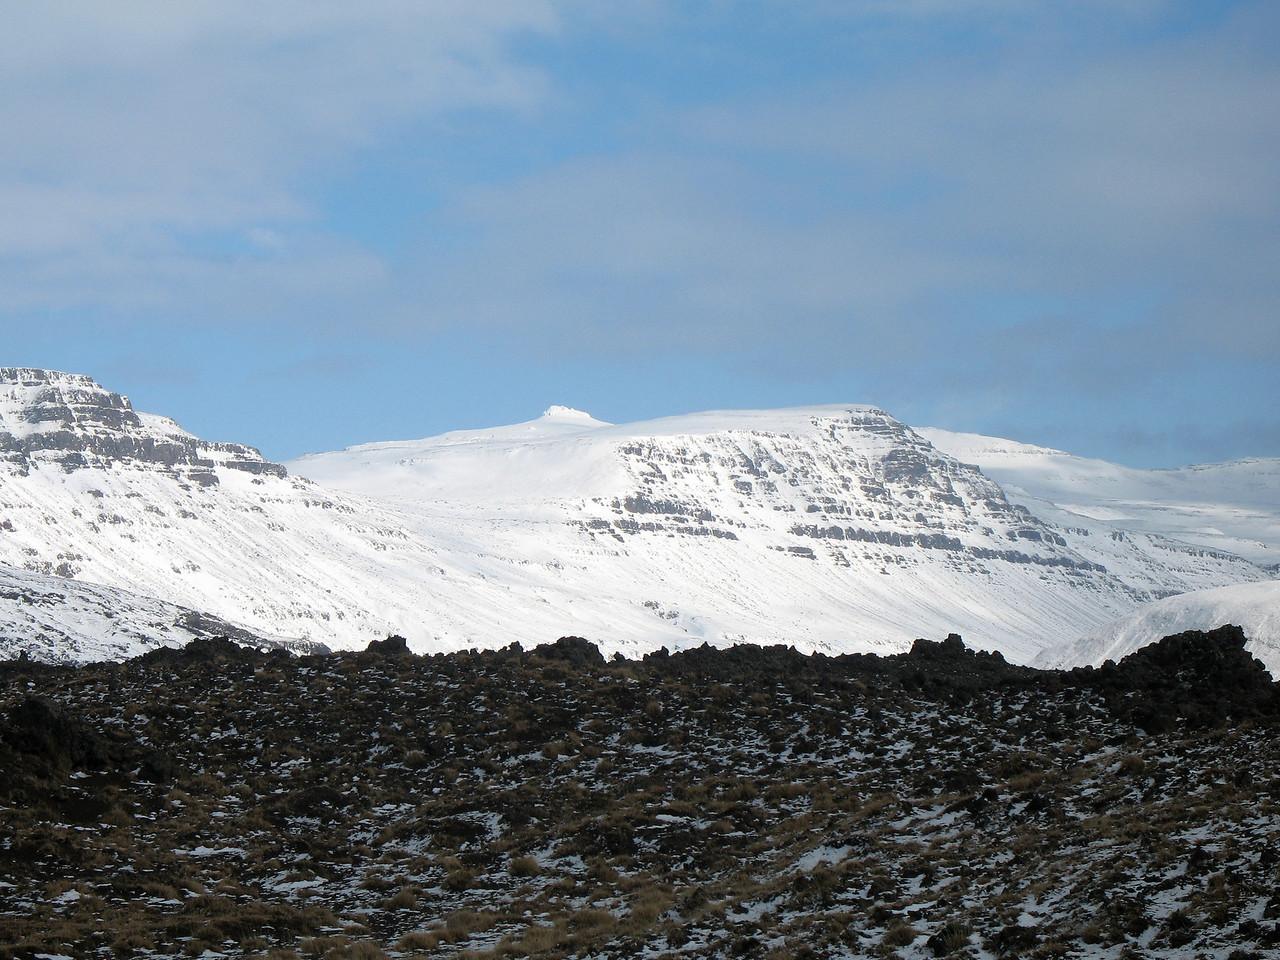 Skálarkambur til vinstri, Geirhnúkur gnæfir yfir Neðrí-Snjódal, Þrætumúli til hægri. Leið okkar lá skáhallt upp hlíðina upp í Neðri-Snjódal, síðan norðanvert í Þrætumúla.